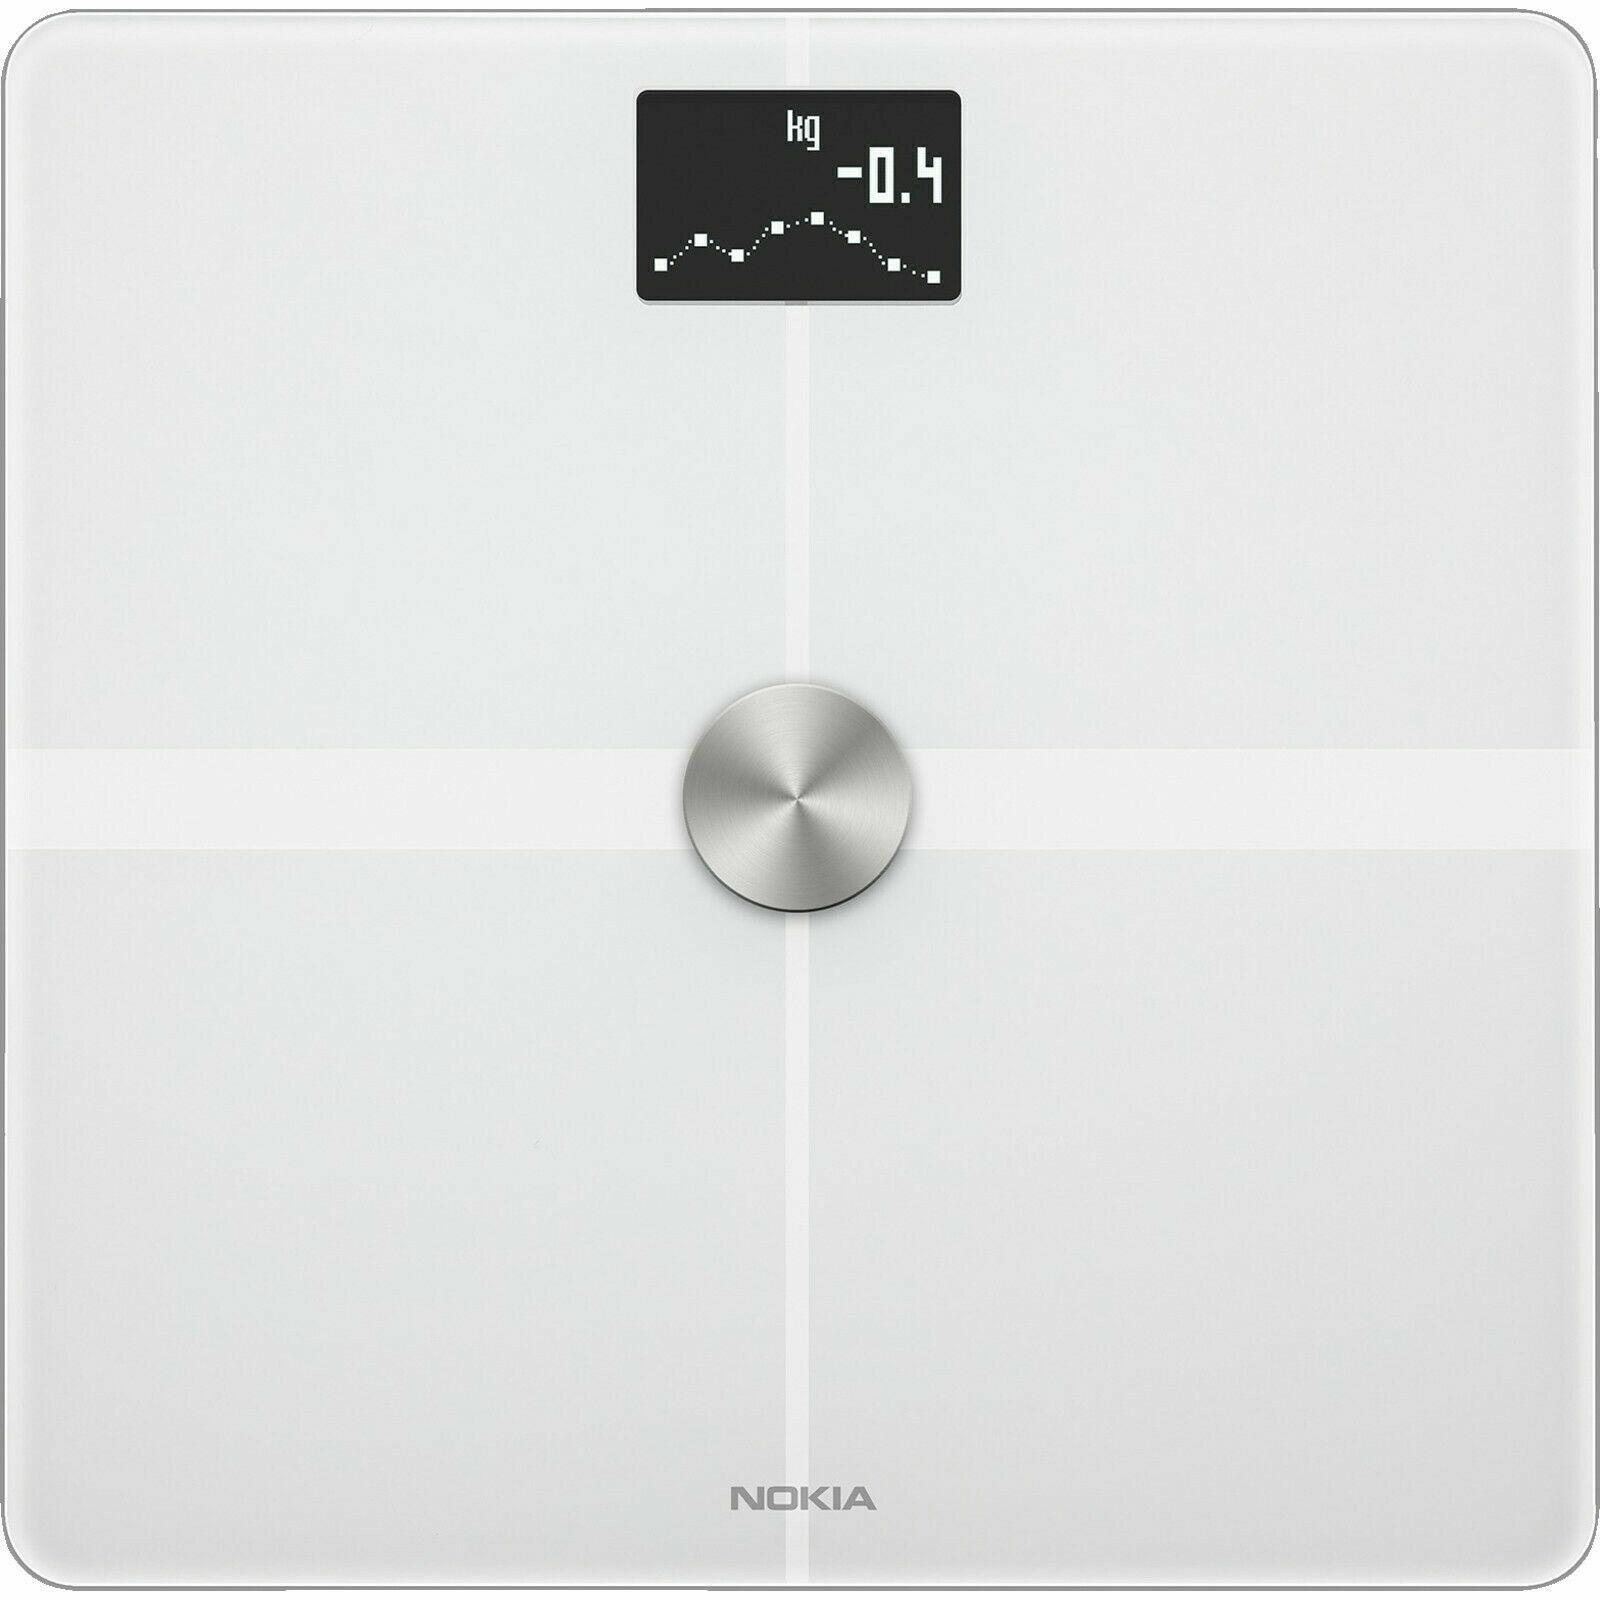 Withings     Nokia Body+ - WLAN-Körperwaage für Körperzusammensetzung, Weiß 1433d3